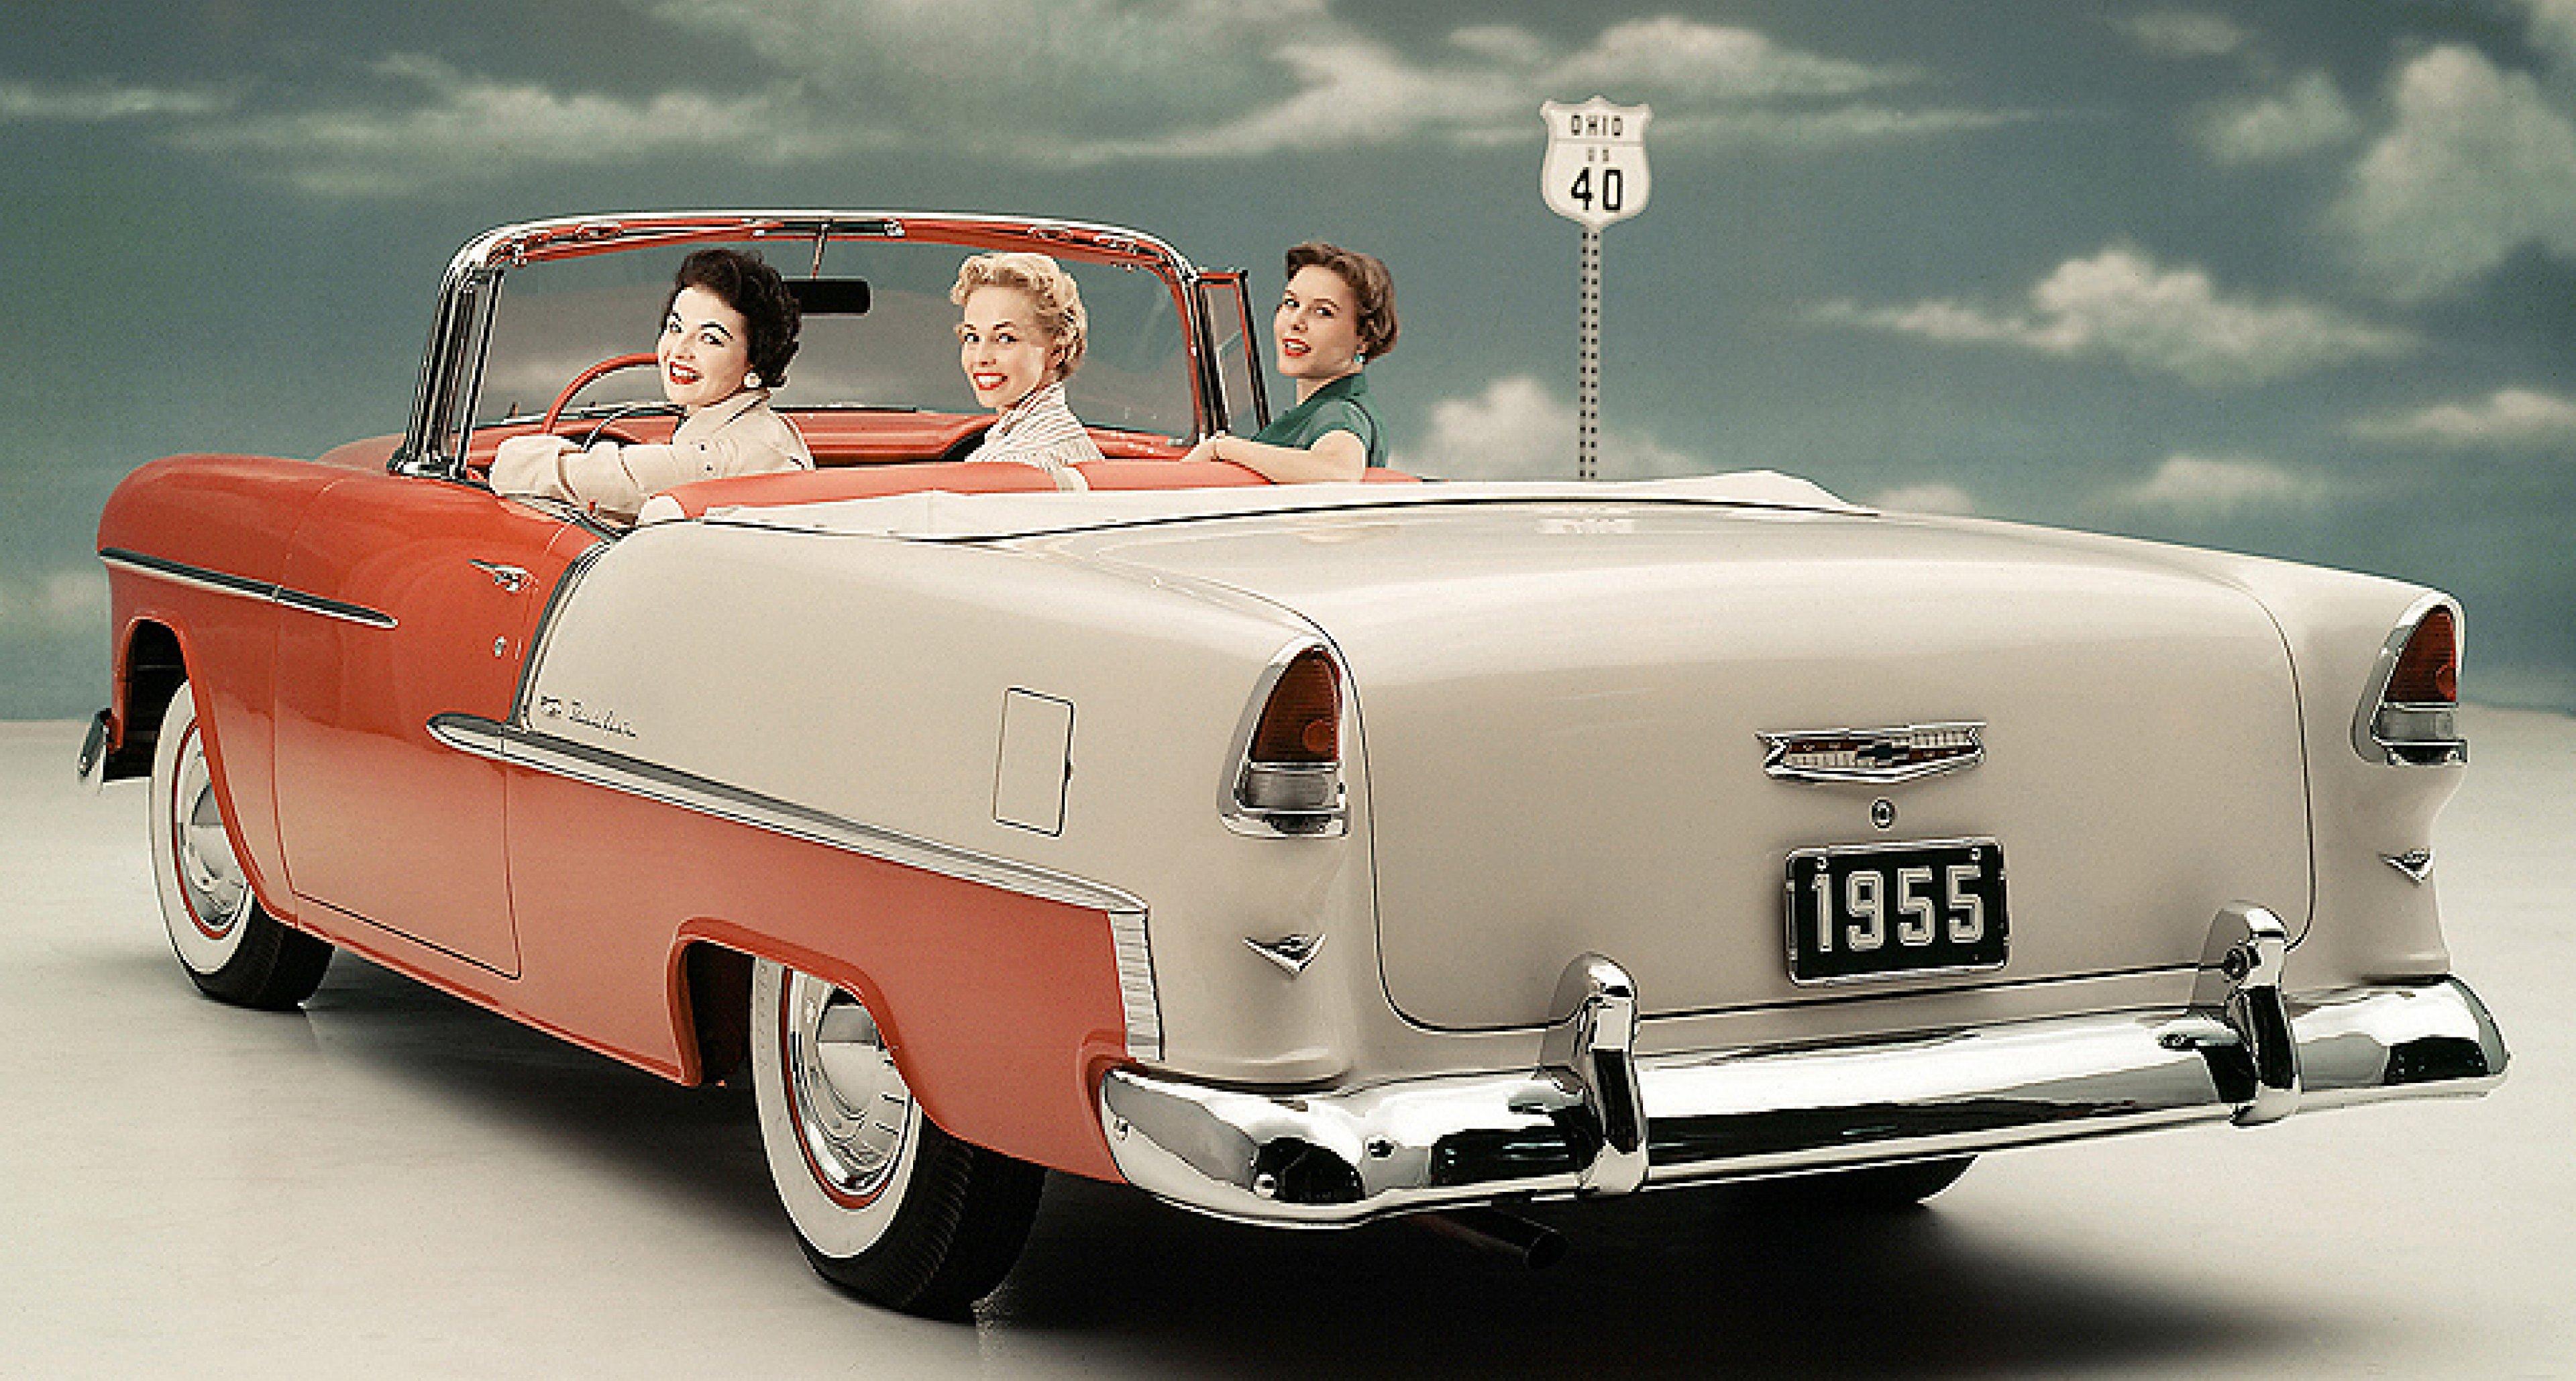 100 Jahre Chevrolet: Aus der Schweiz in die Welt